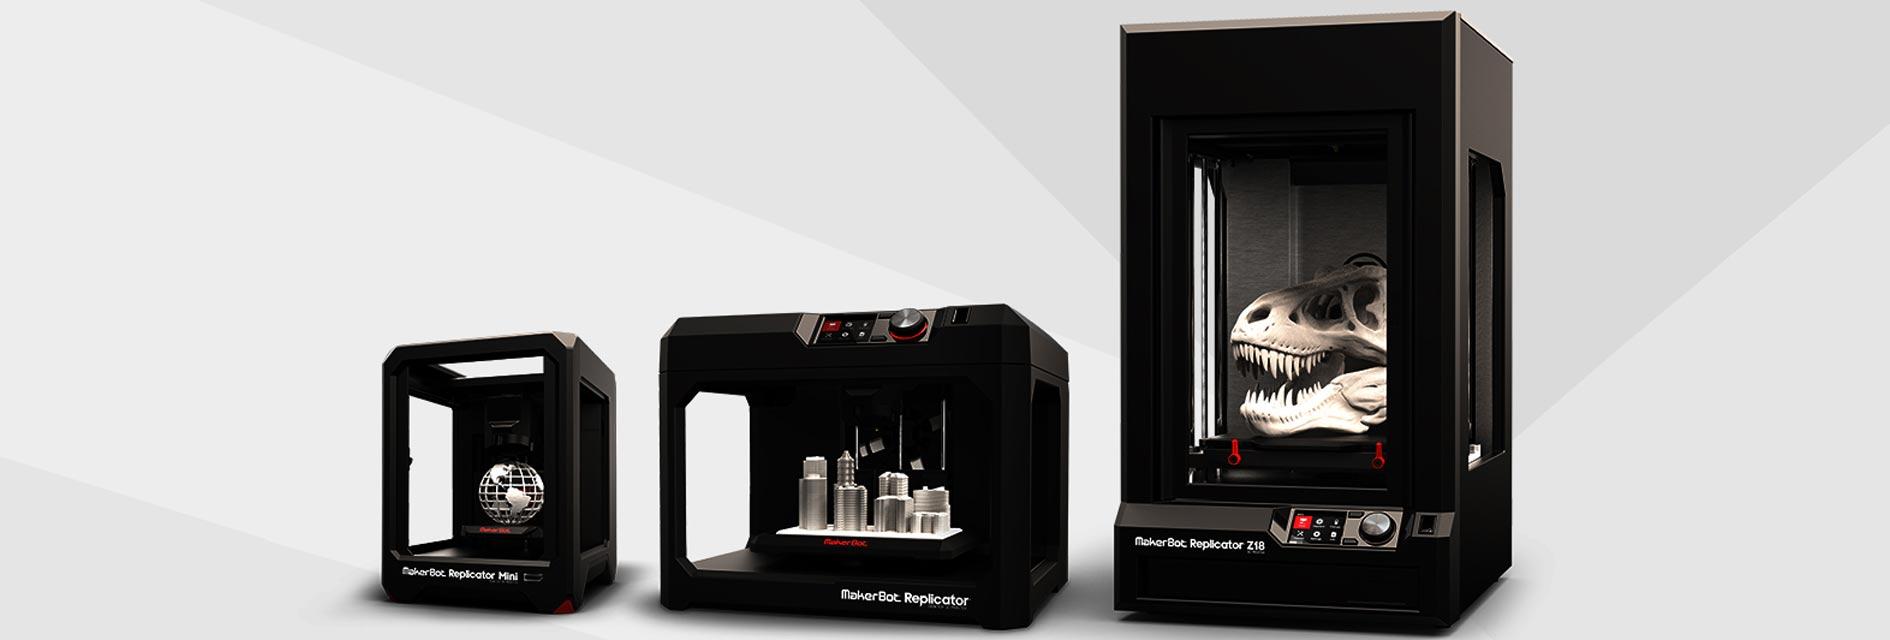 Ihre MakerBot und Formlabs 3D Drucker Schweiz Reseller, Support und Bildungs Webseite. 3D Drucker Lösungen / Schulungen aus Zürich für Schule, Bildungsinstitutionen, Unternehmen und Private.